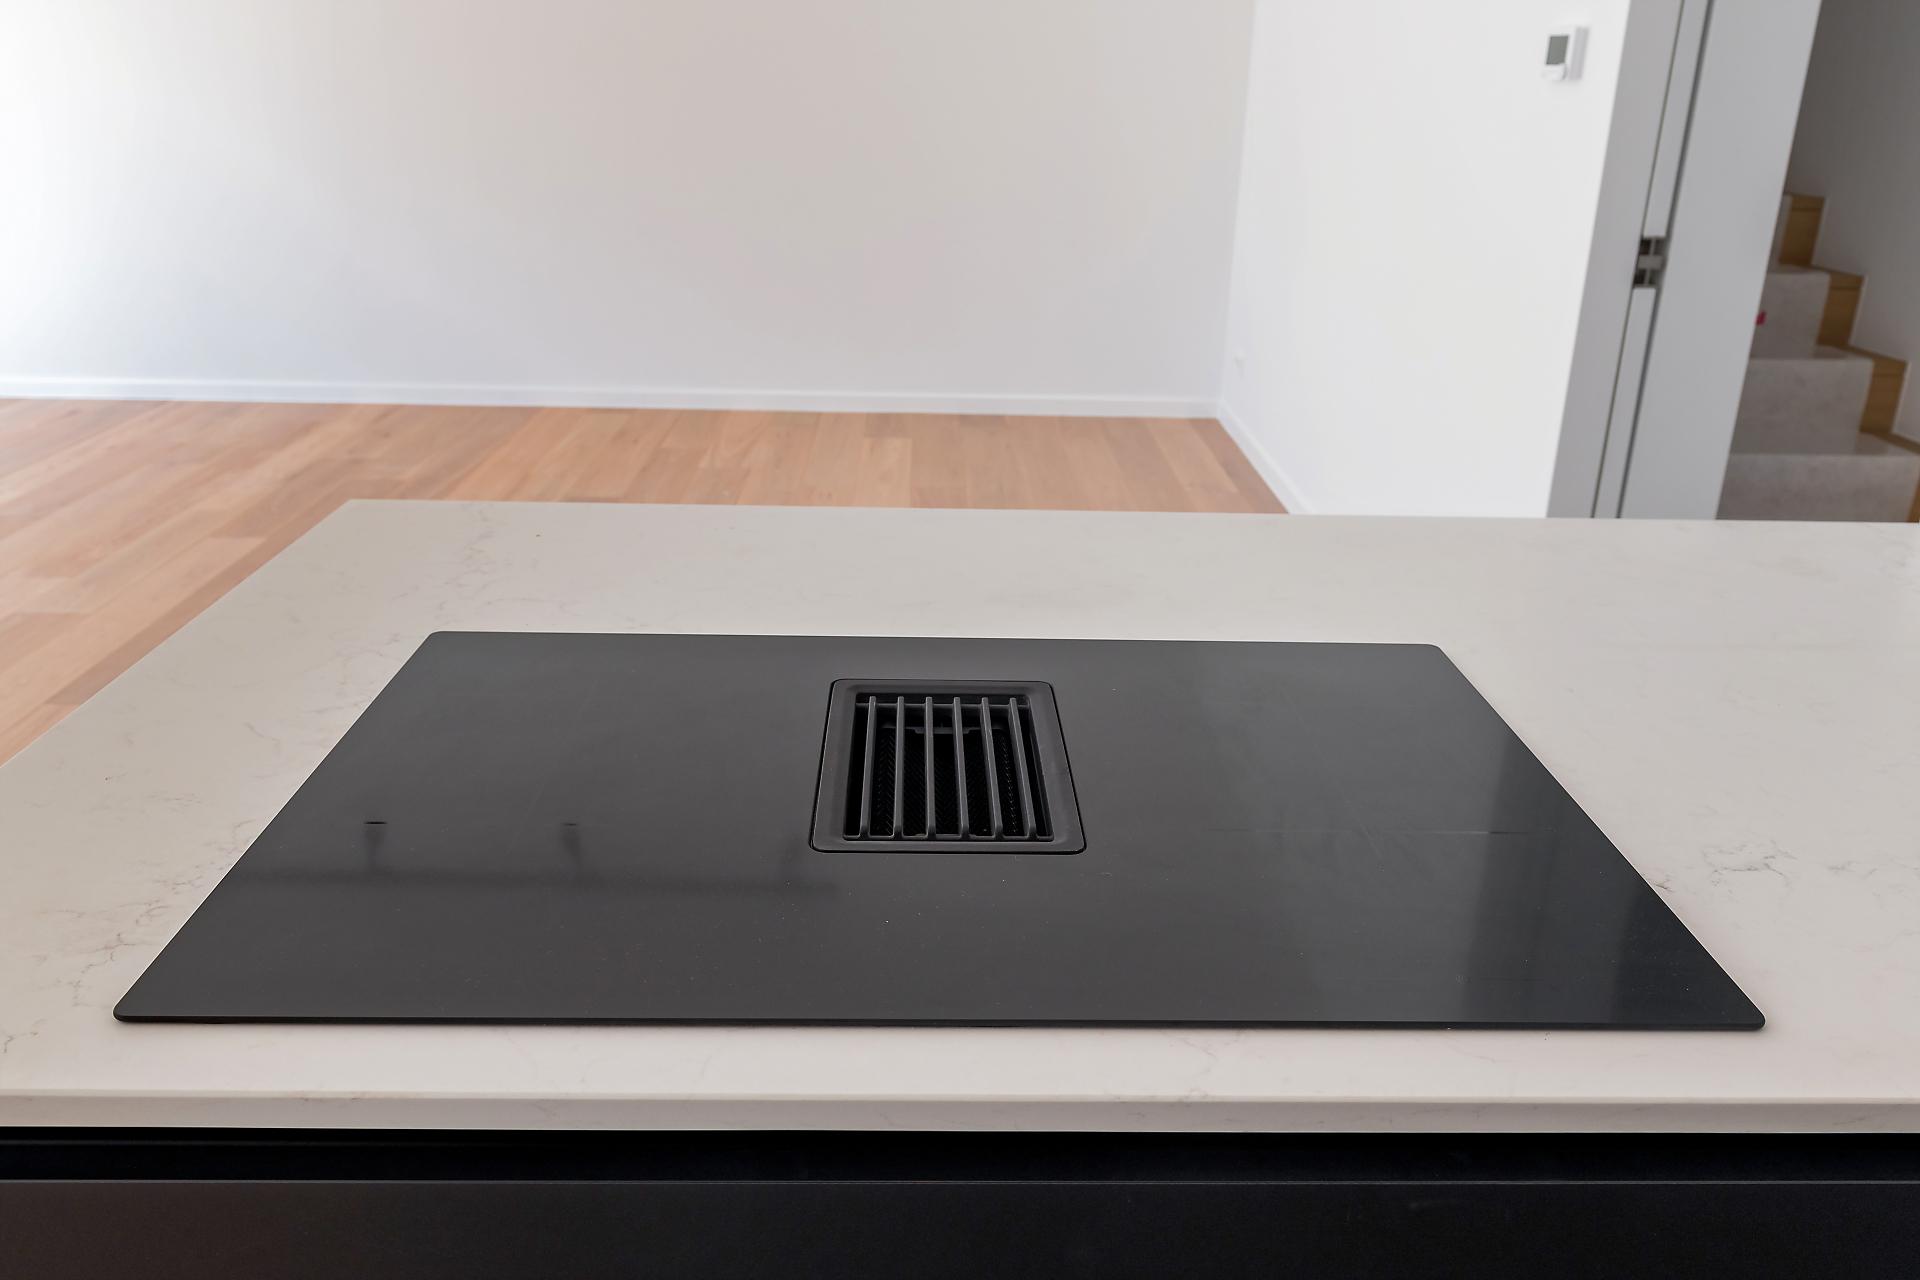 Cuisine moderne sans poignée noir mat | Raison Home Belgium - 5